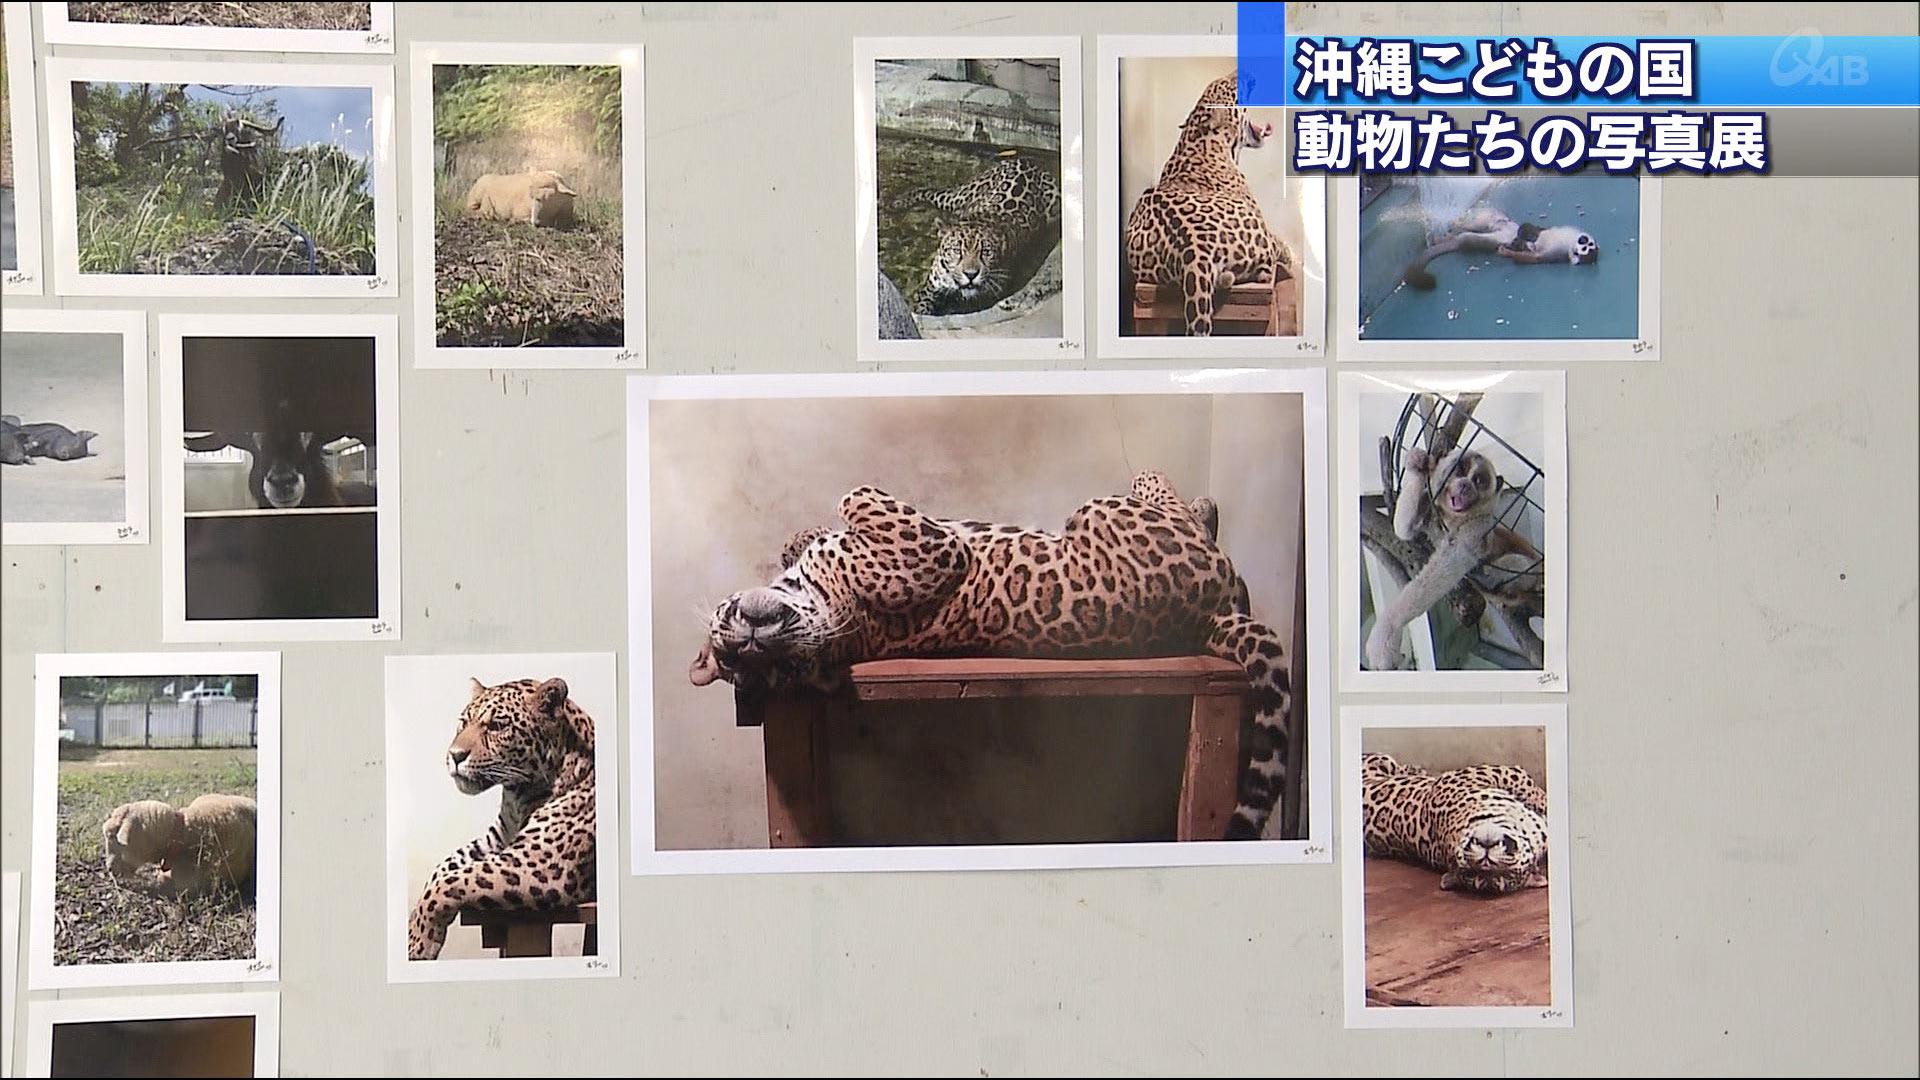 飼育員・獣医のスマホの中写真展